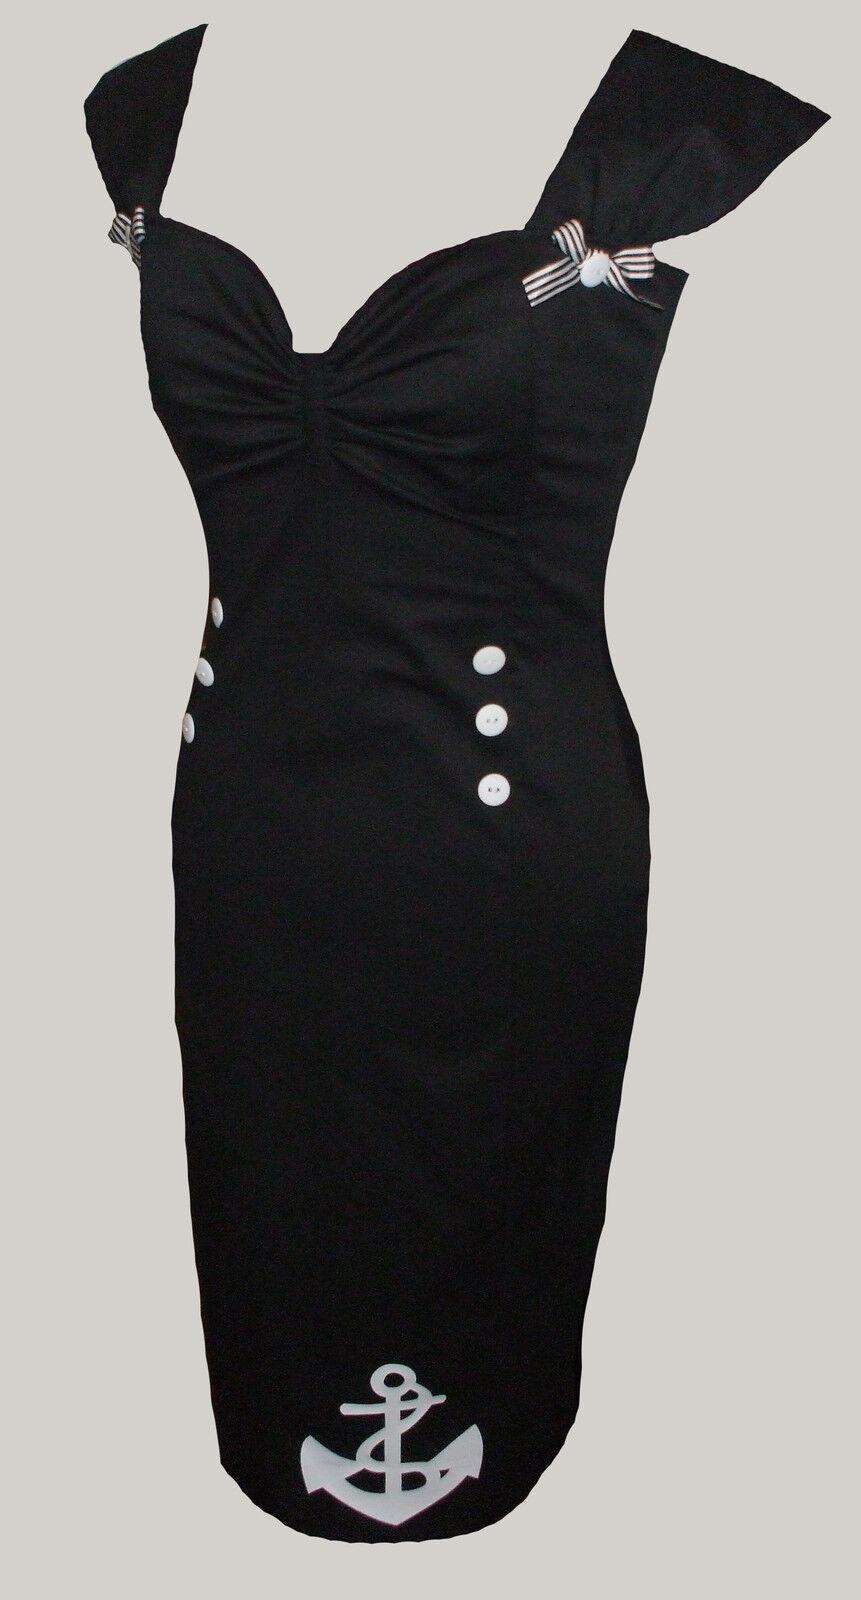 nero nero nero Nautico Marinaio Abito Marilyn anni'50 Rockabilly 8-20 e8f9c7